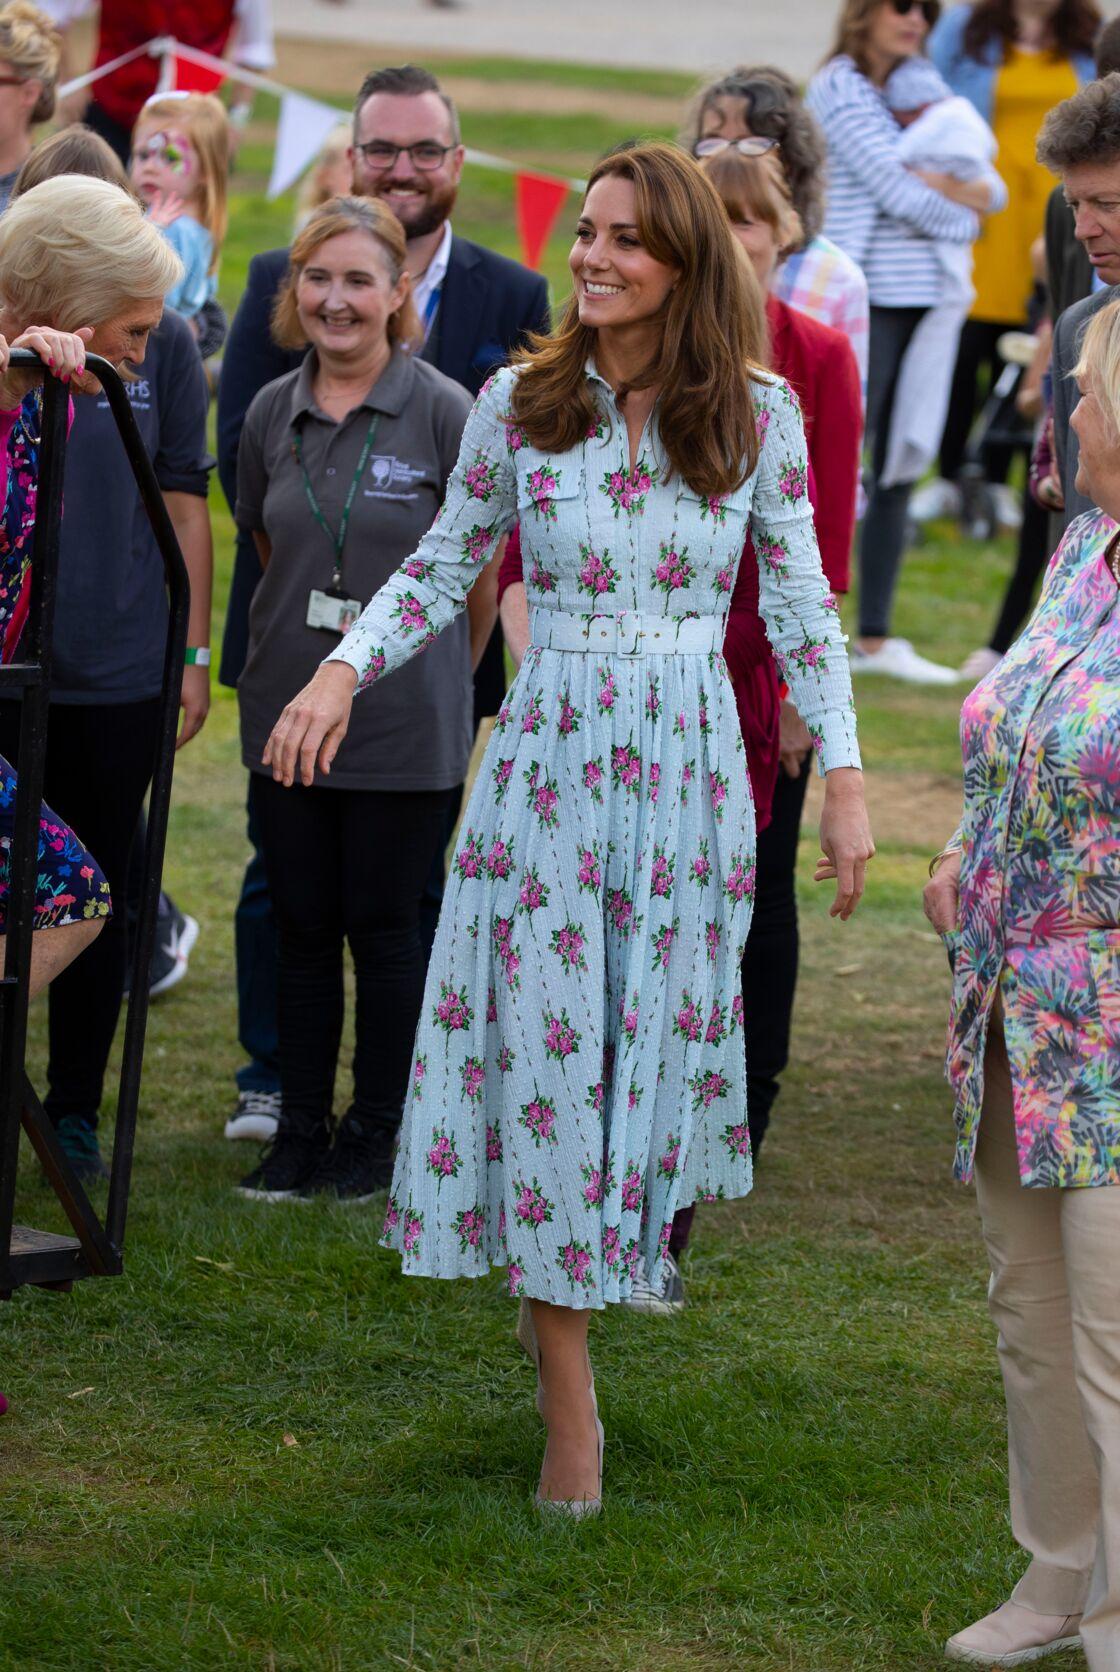 Kate Middleton ravissante dans l'une des robes à fleurs qu'elle collectionne (ici un modèle Michael Kors).